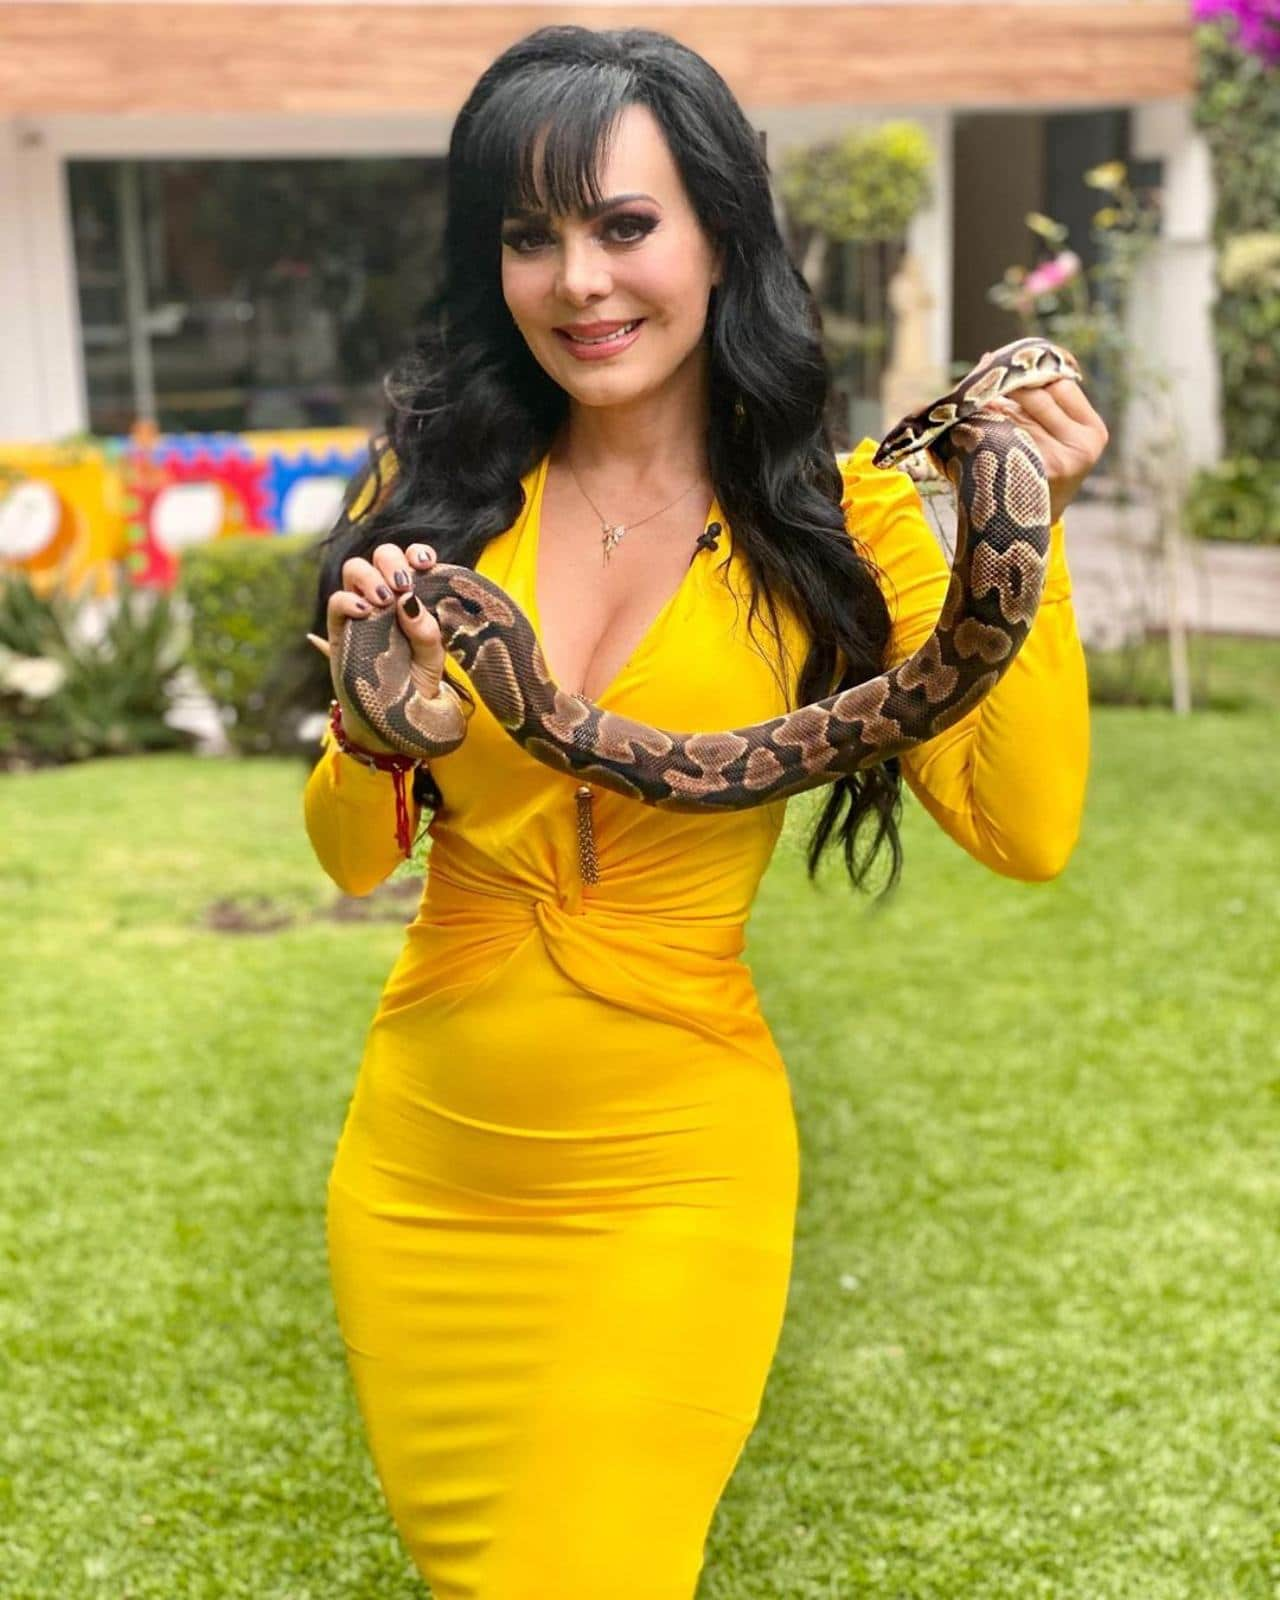 Maribel Guardia tiene una serpiente